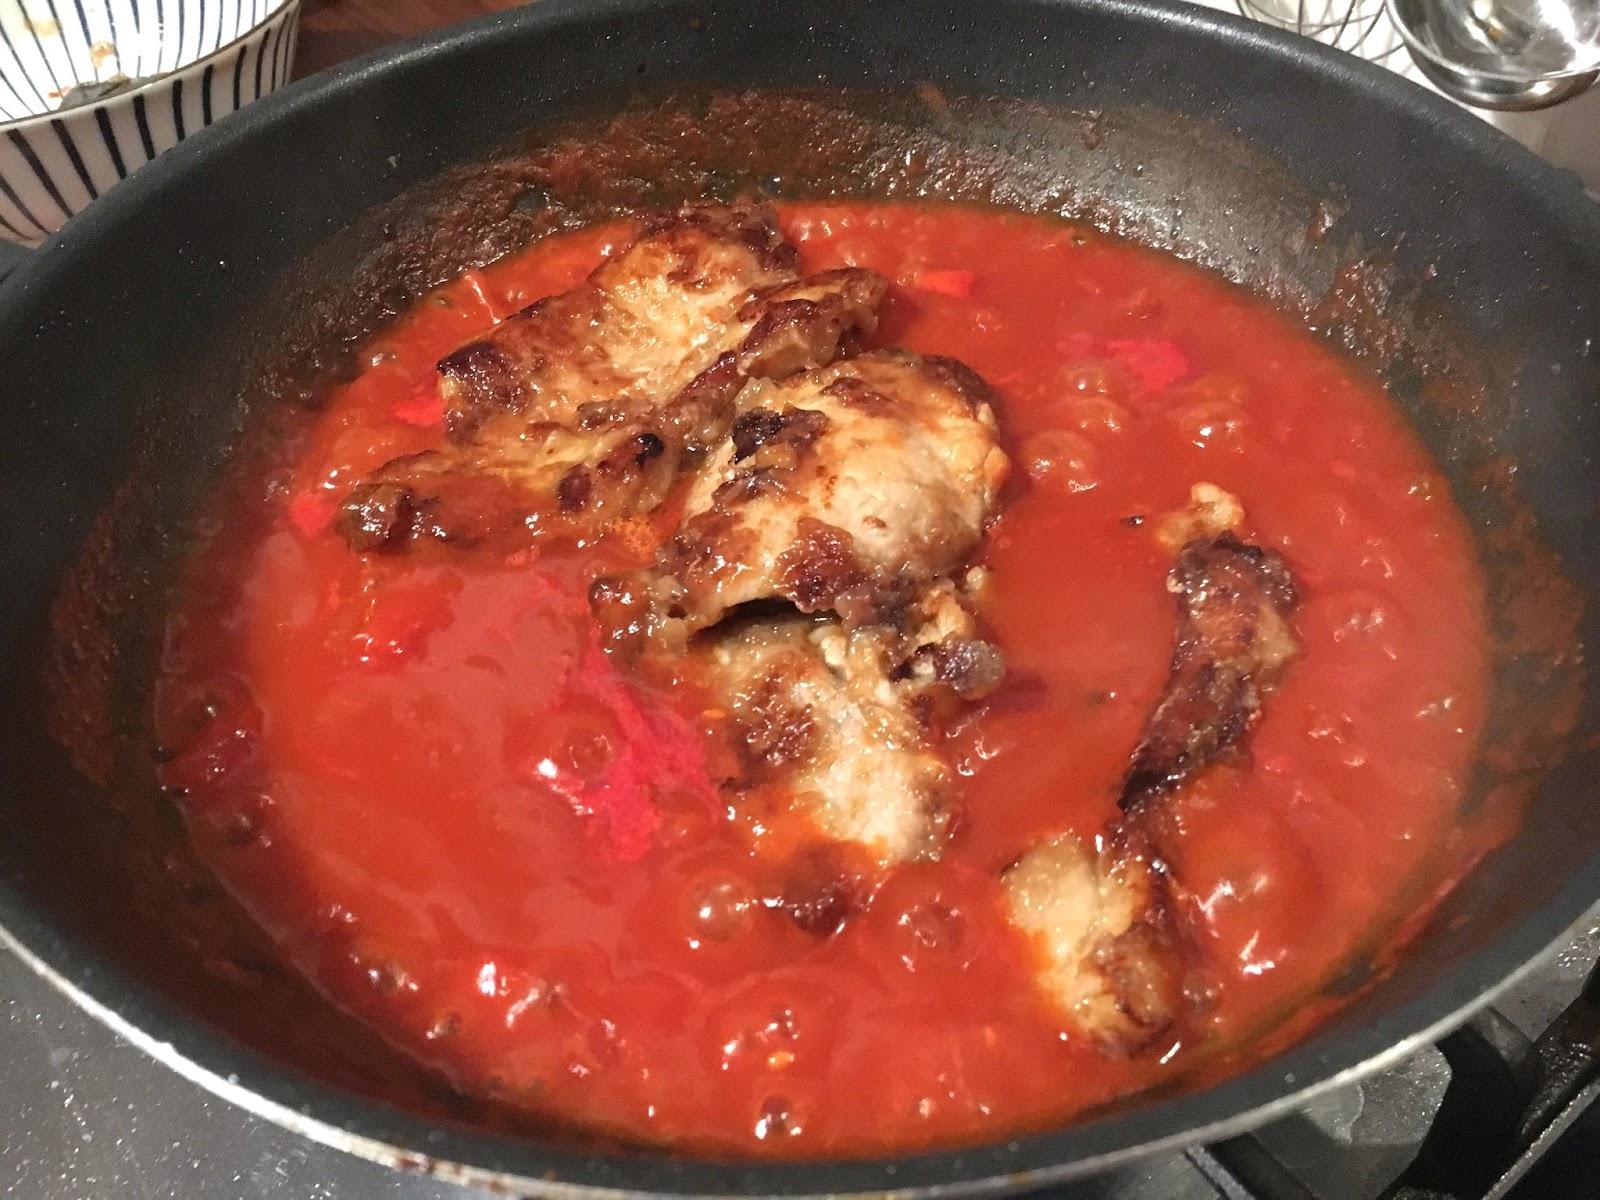 Pork chop red sauce recipes